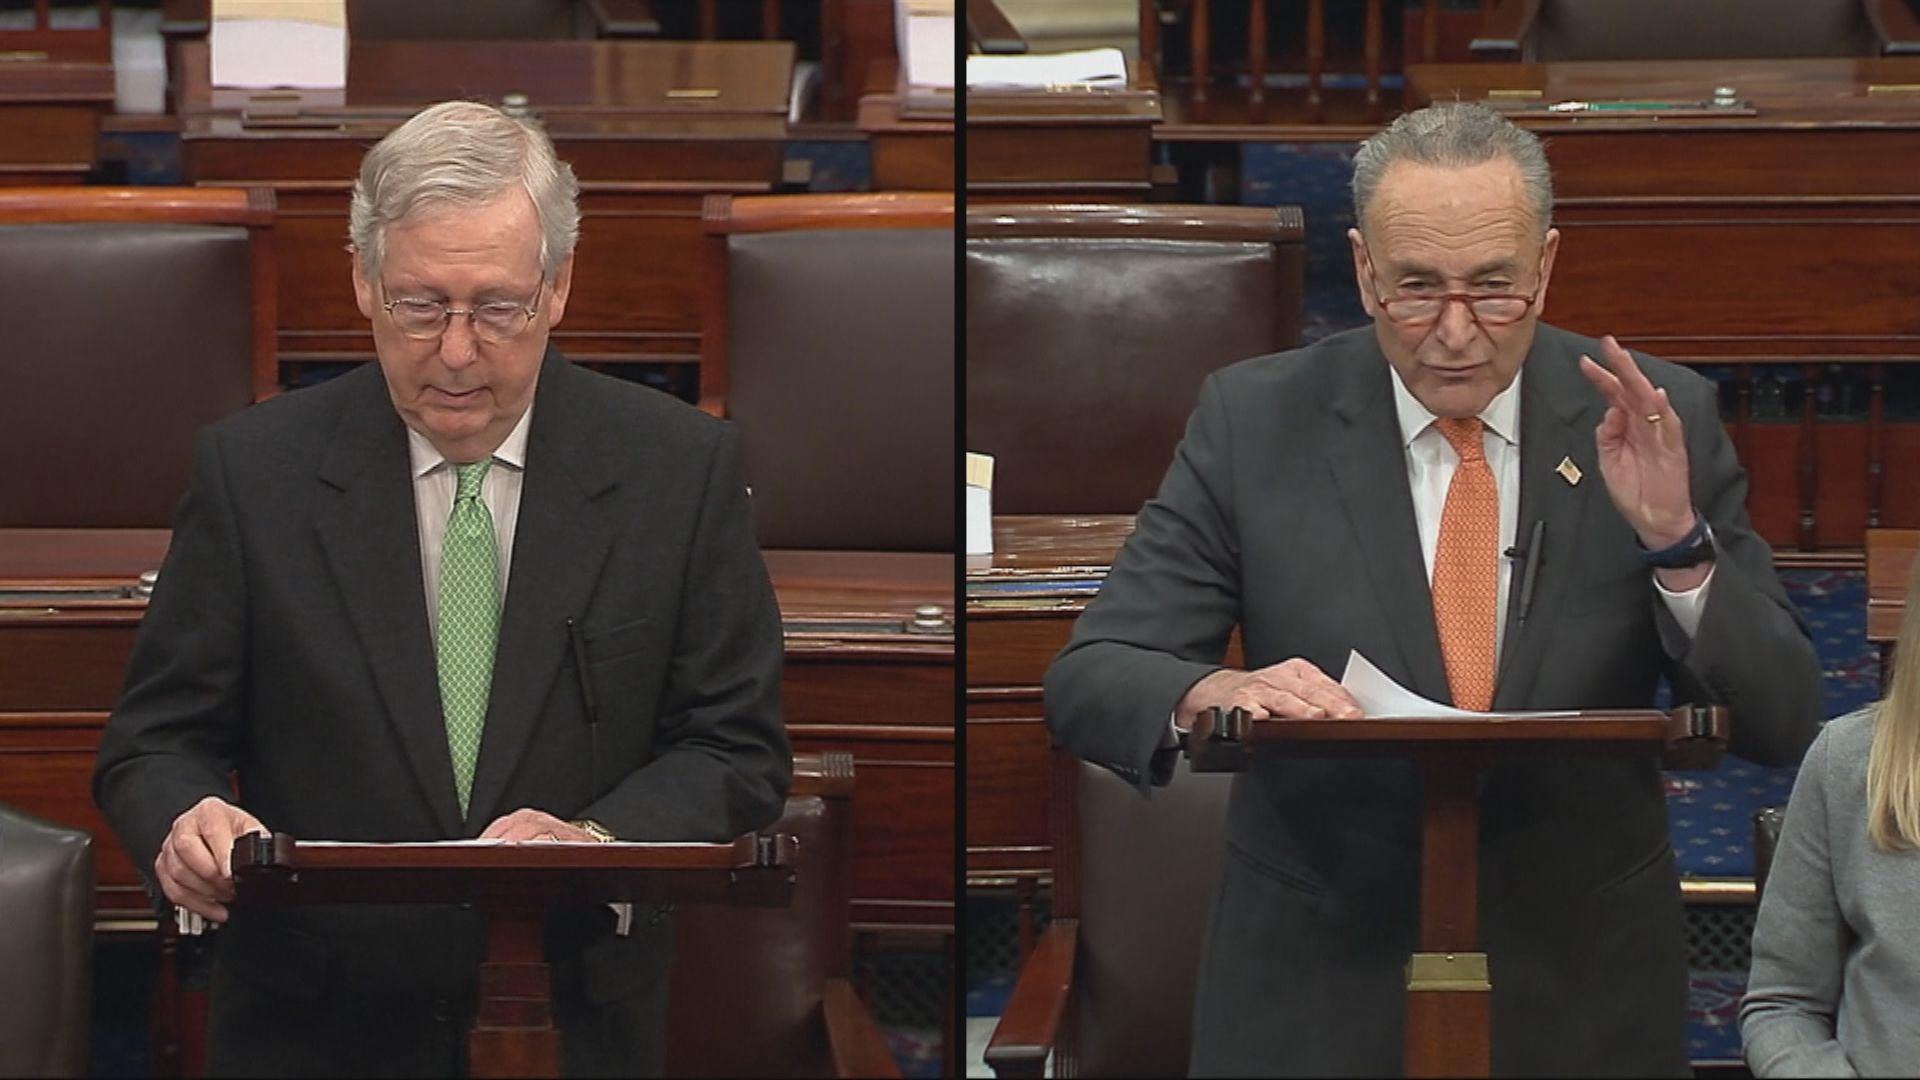 美參議院兩黨領袖就彈劾審訊程序談判陷入僵局